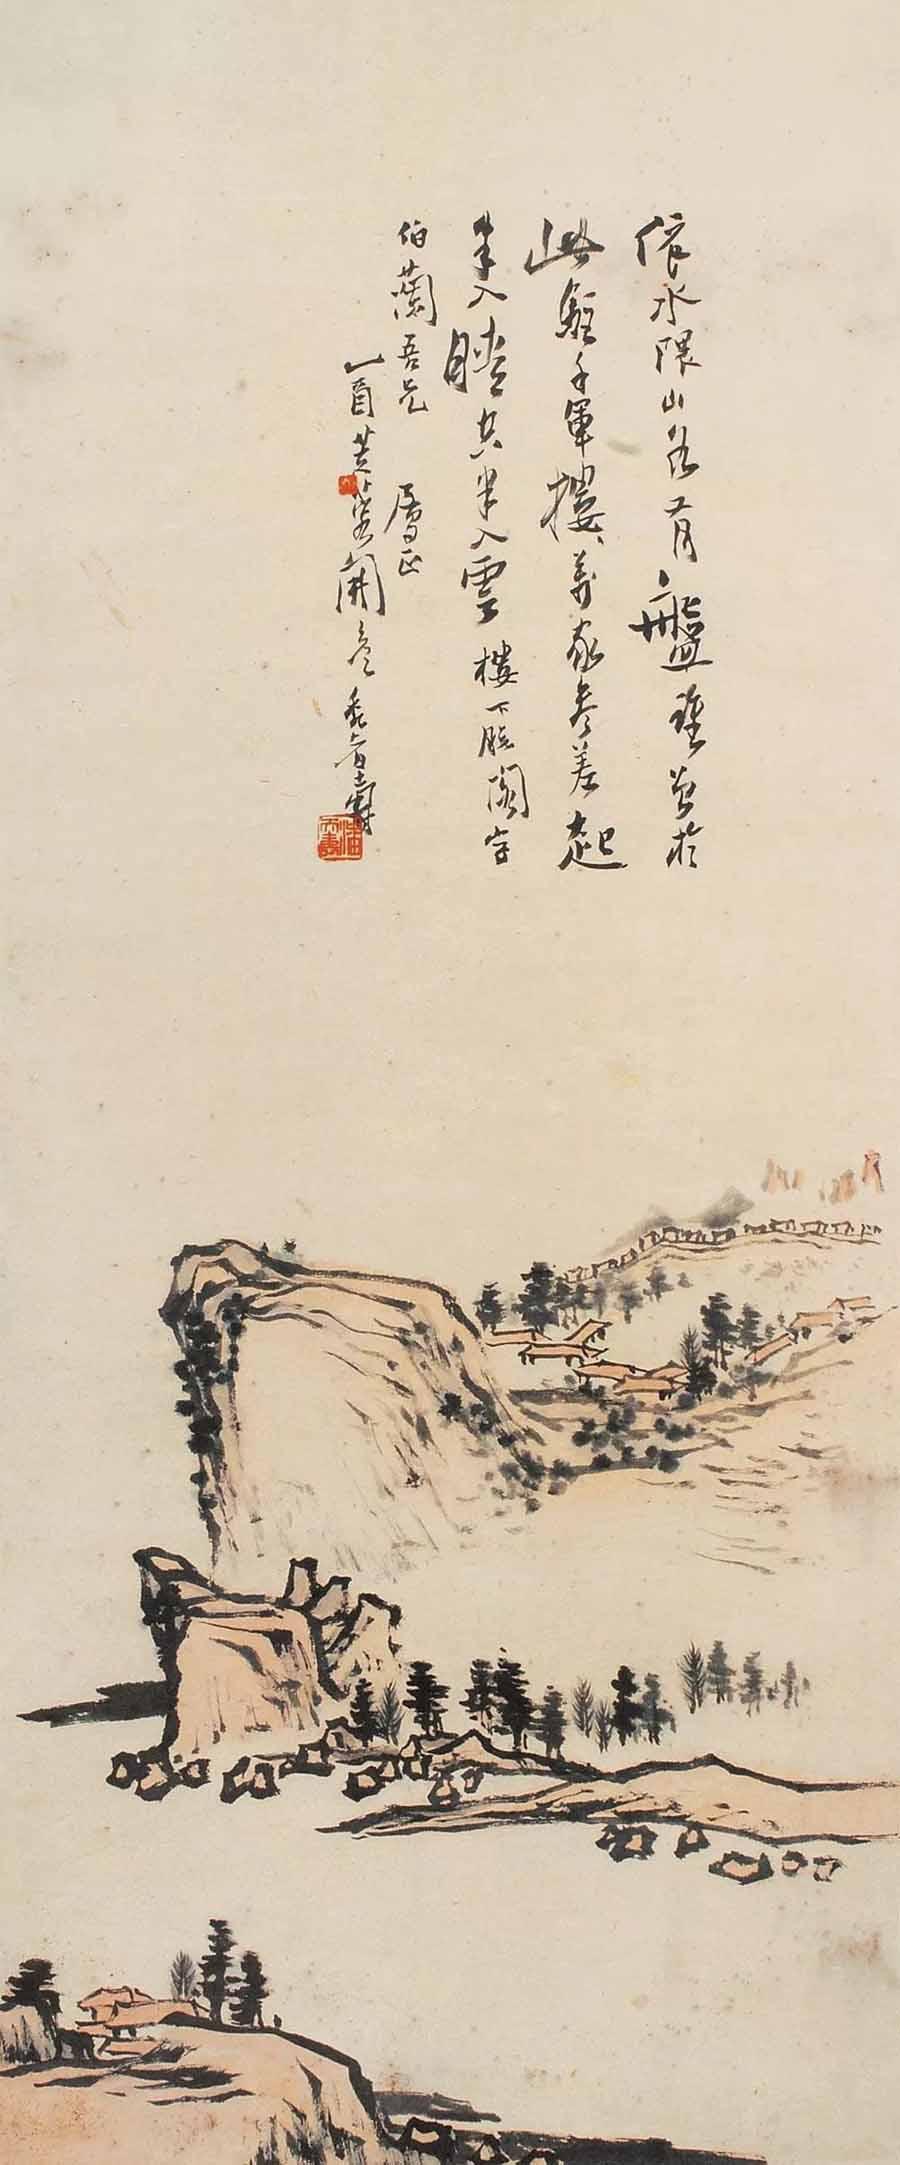 潘天寿 1945年作 山水画 124×52cm